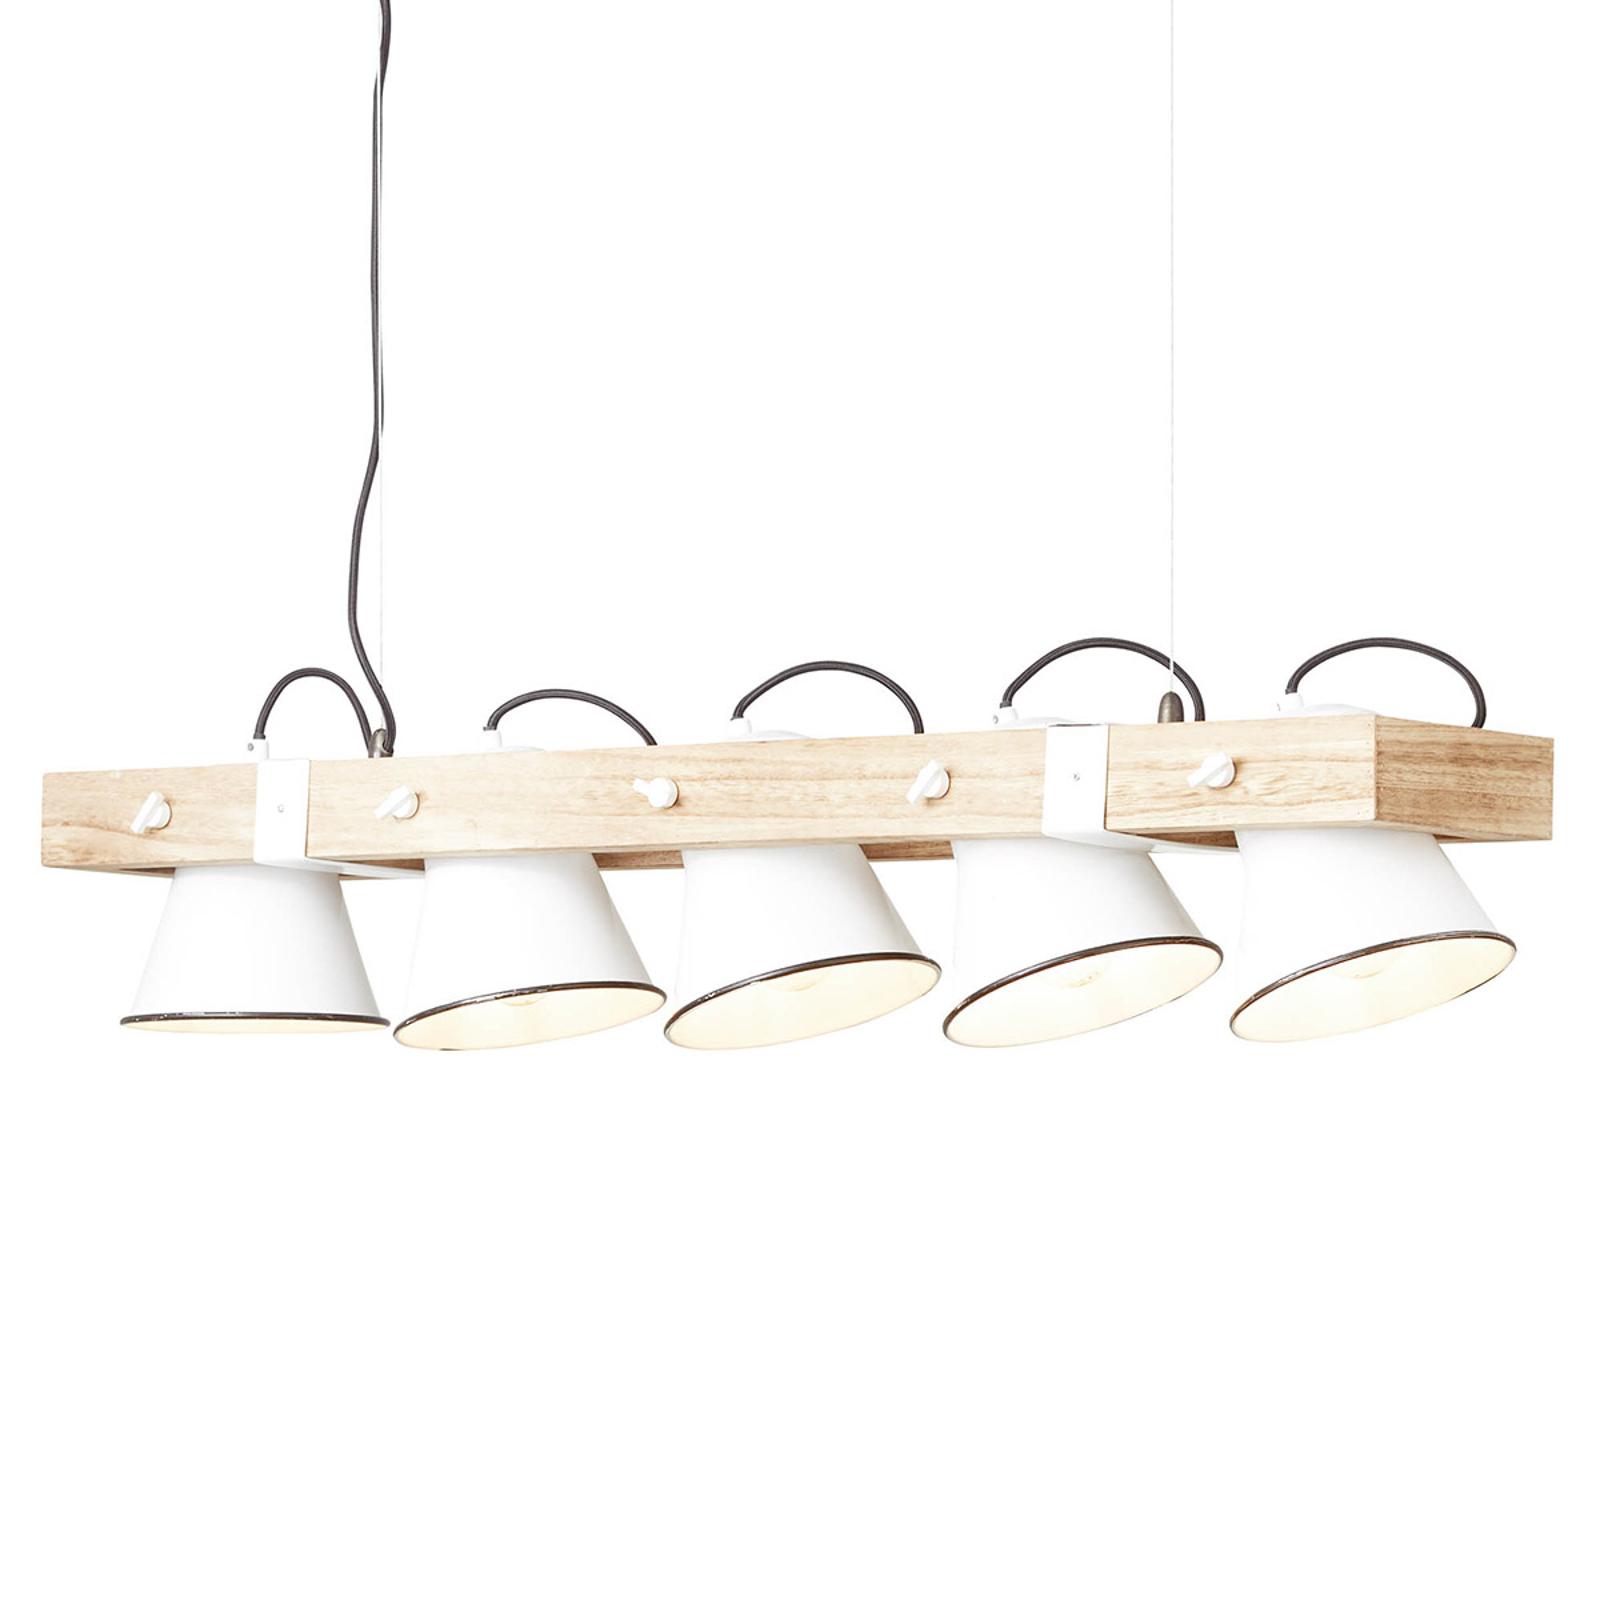 Lampada a sospensione Plow 5 luci bianco/legno